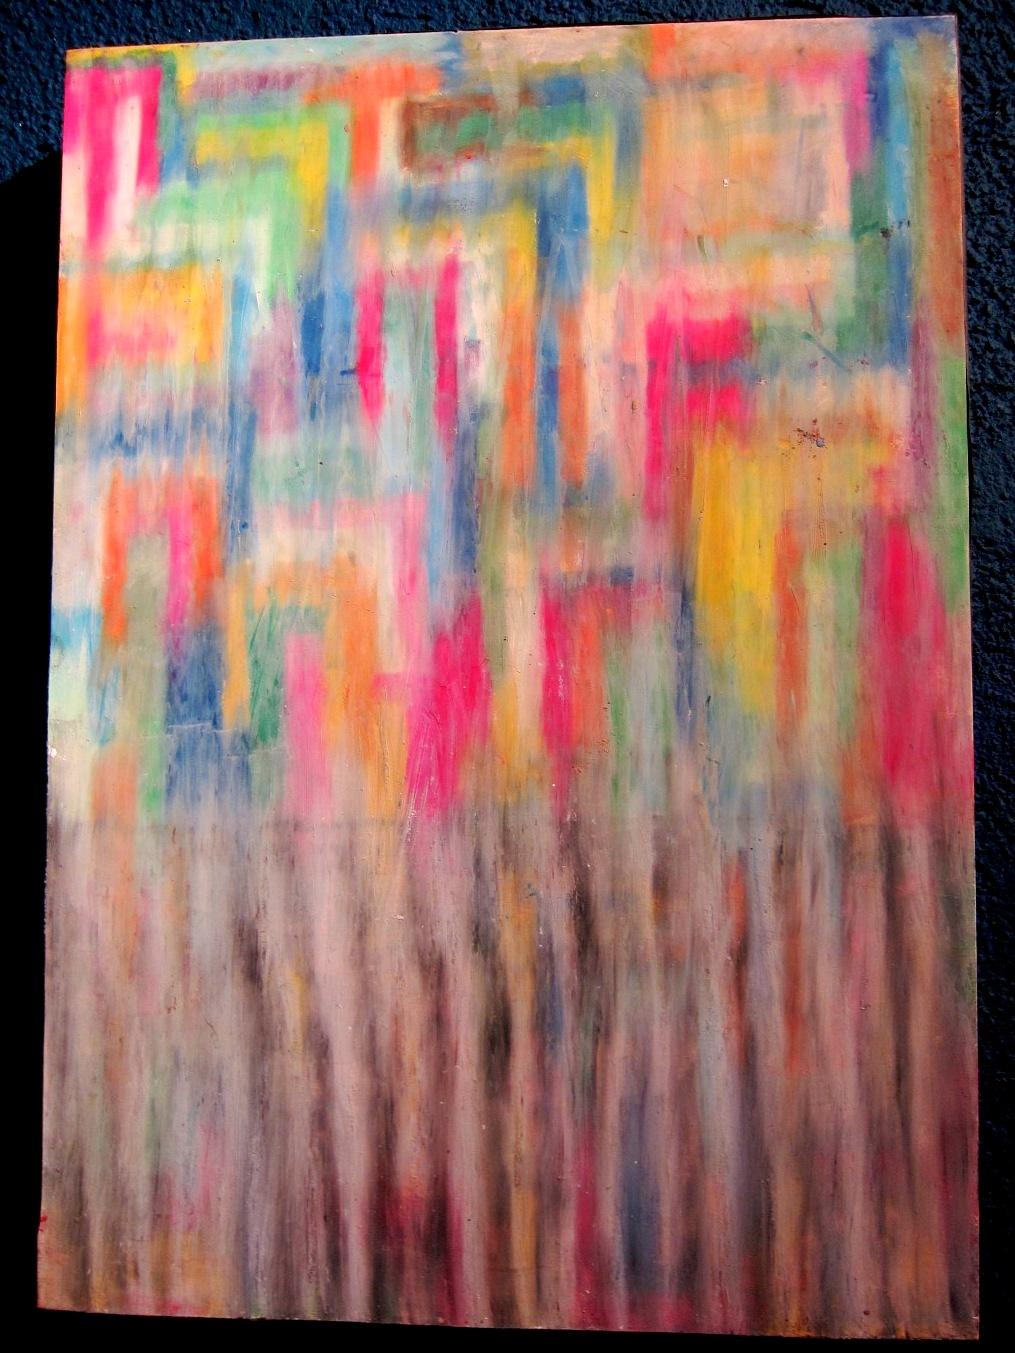 2074)「小坂英一 展 LINE ~あじわいのある線への挑戦~」カフェエスキス 5月2日(木)~5月28日(火)  _f0126829_9315352.jpg